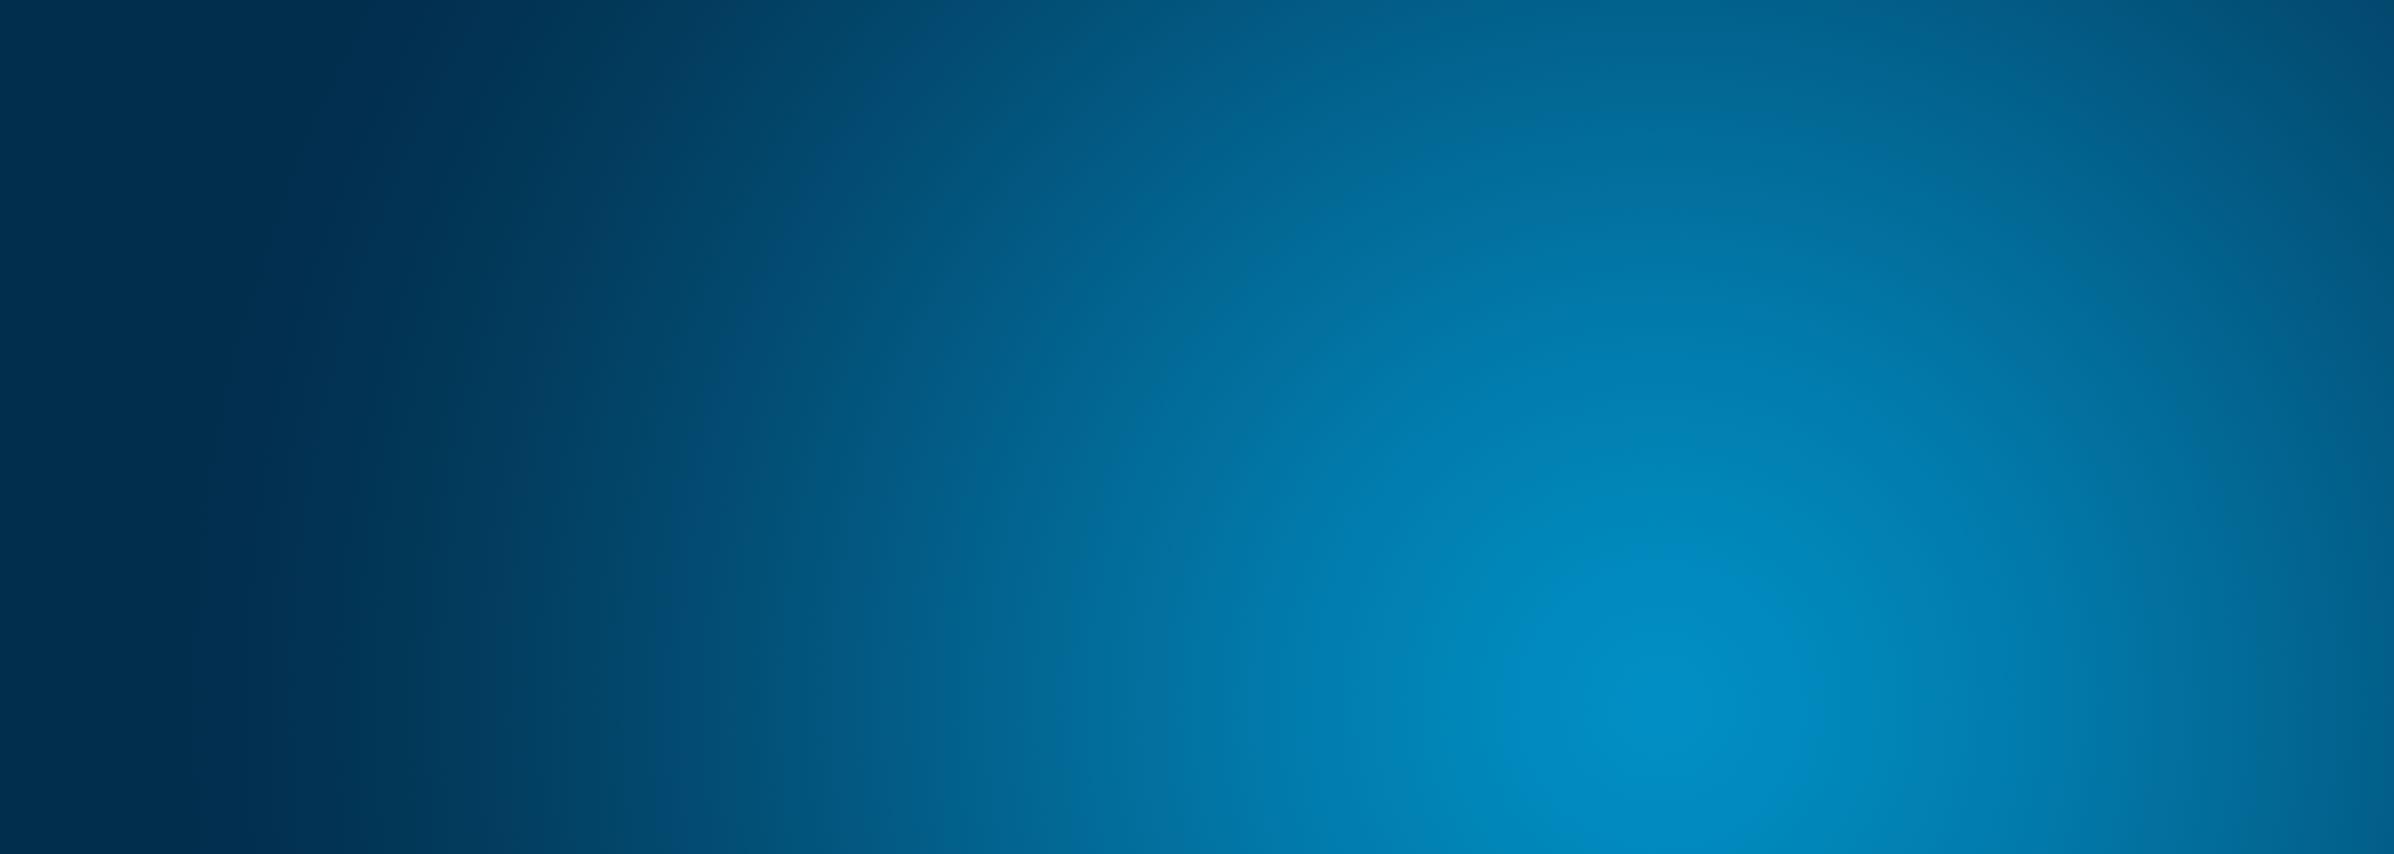 blue_bg_gradient